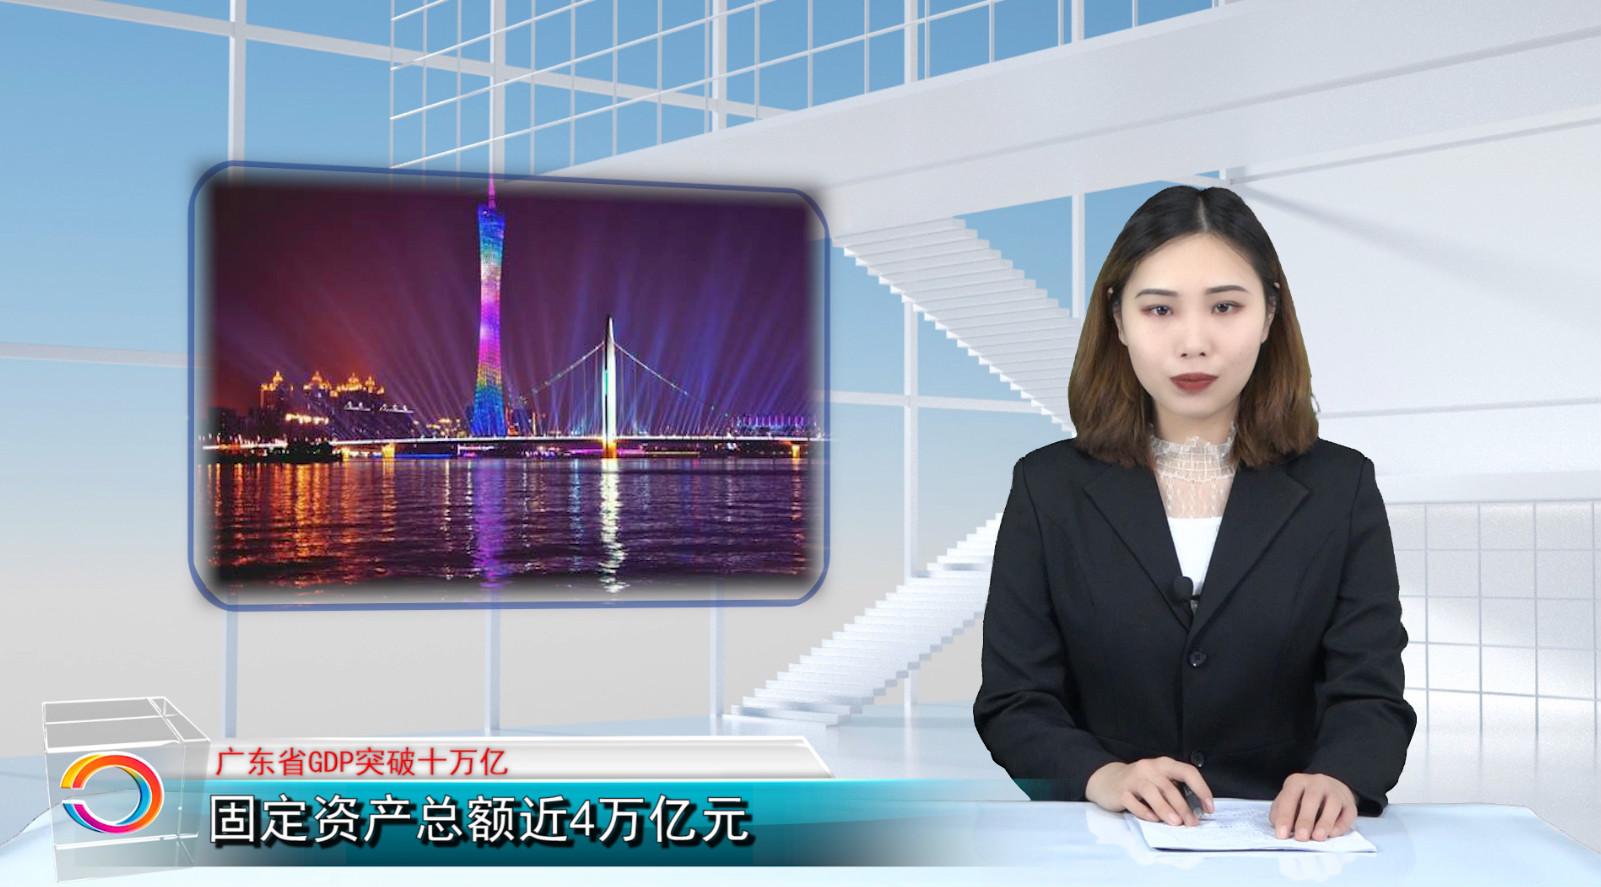 GDP突破10万亿!广东省连续三十年领跑全国